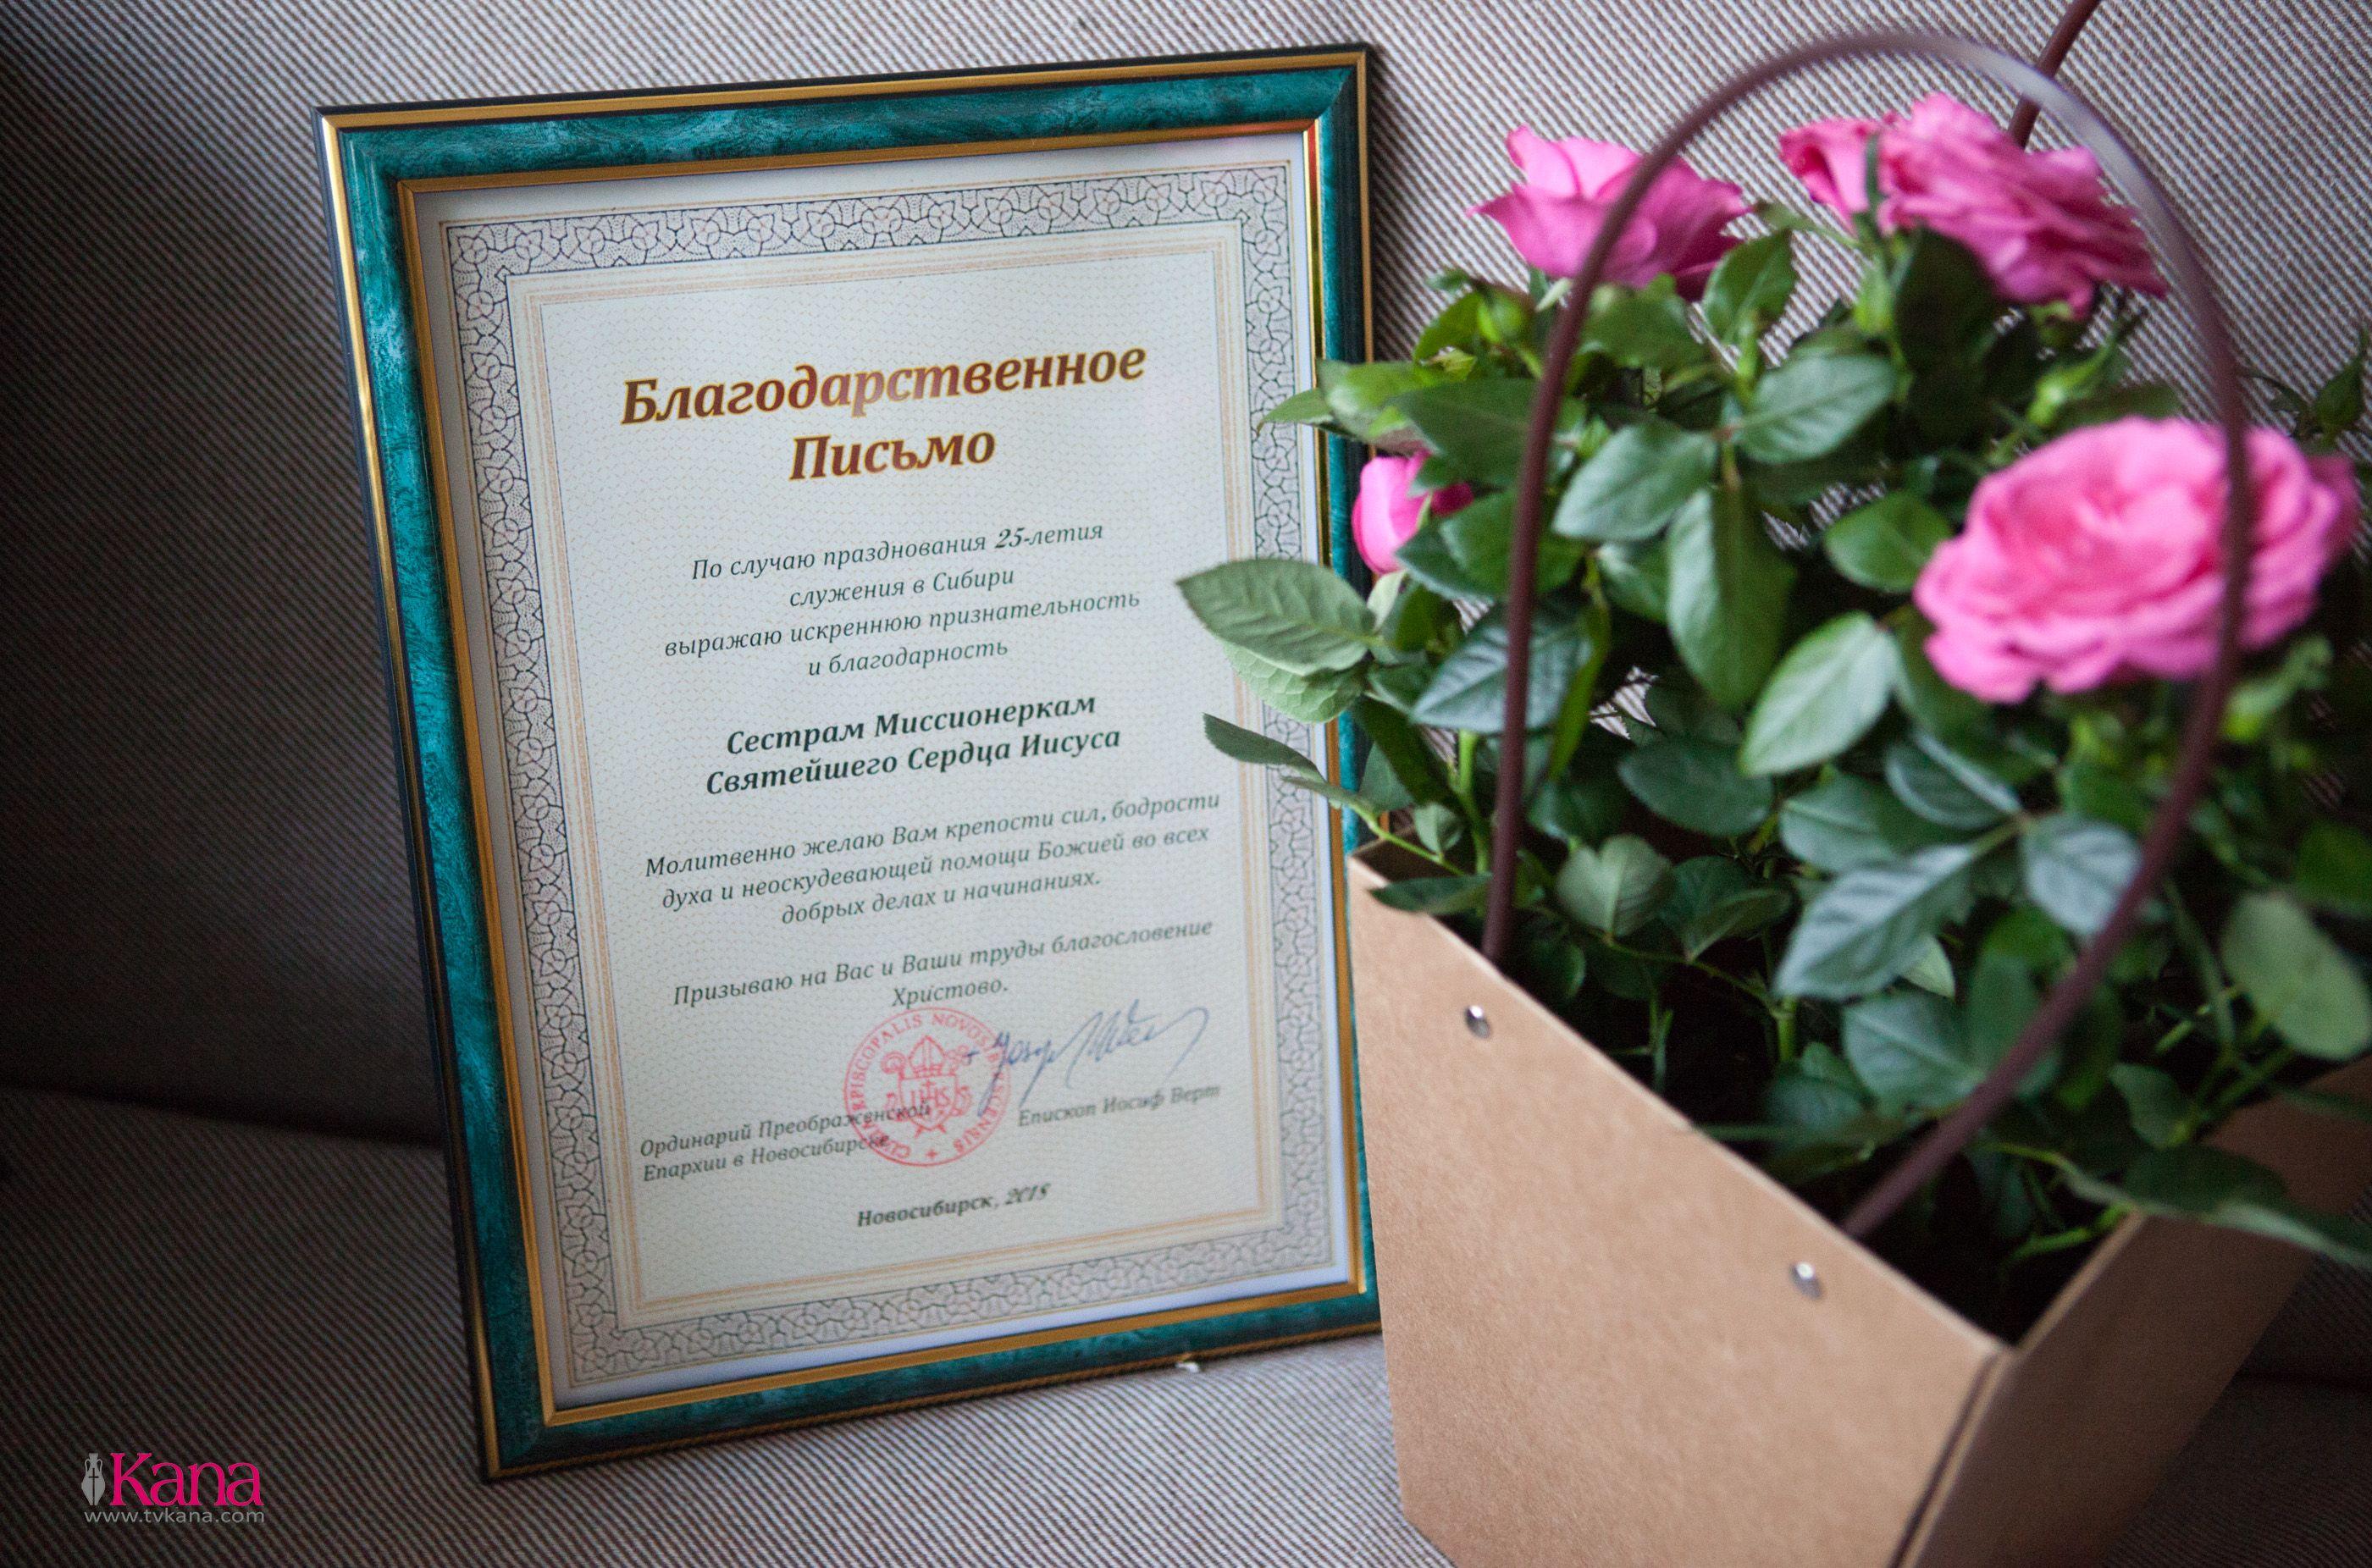 Сестры-Миссионерки Святейшего Сердца Иисуса отметили 25-летний юбилей своего служения в России (+ФОТО)